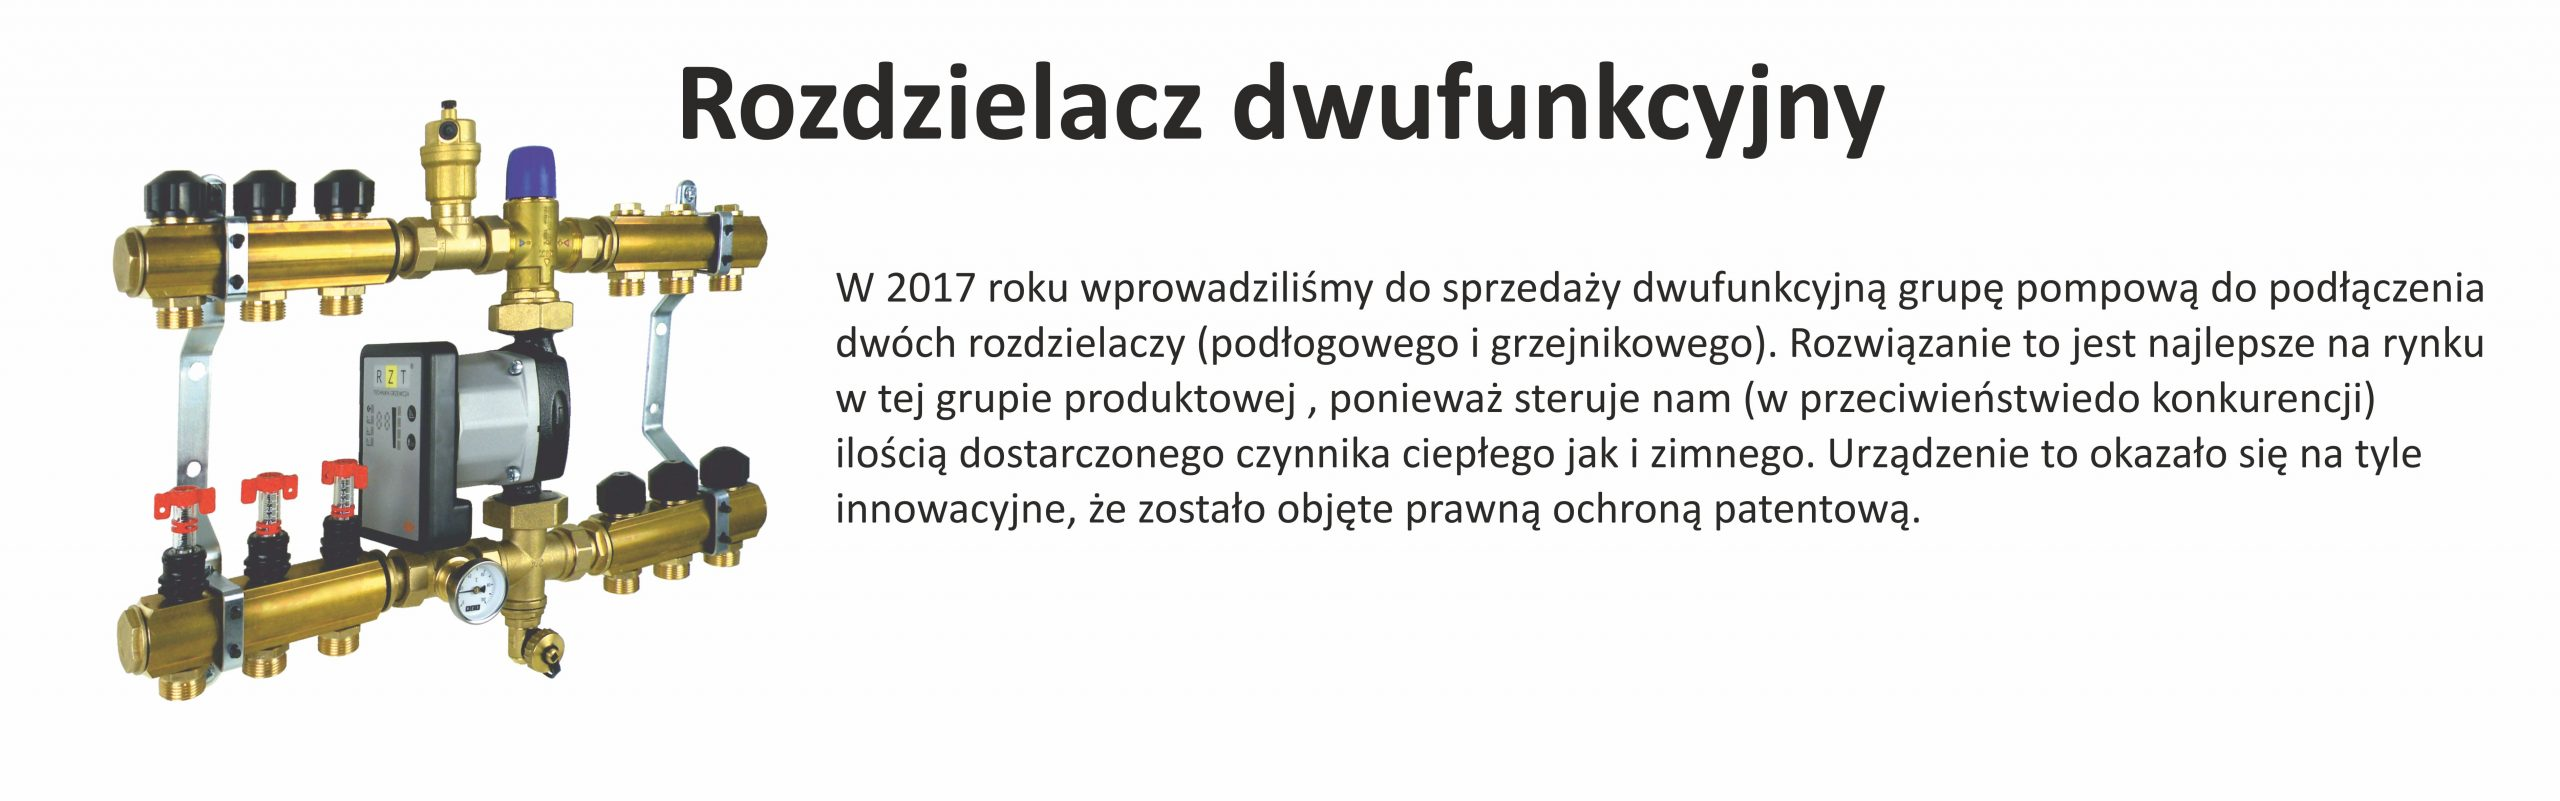 RZT Technika Grzewcza - o firmie 2